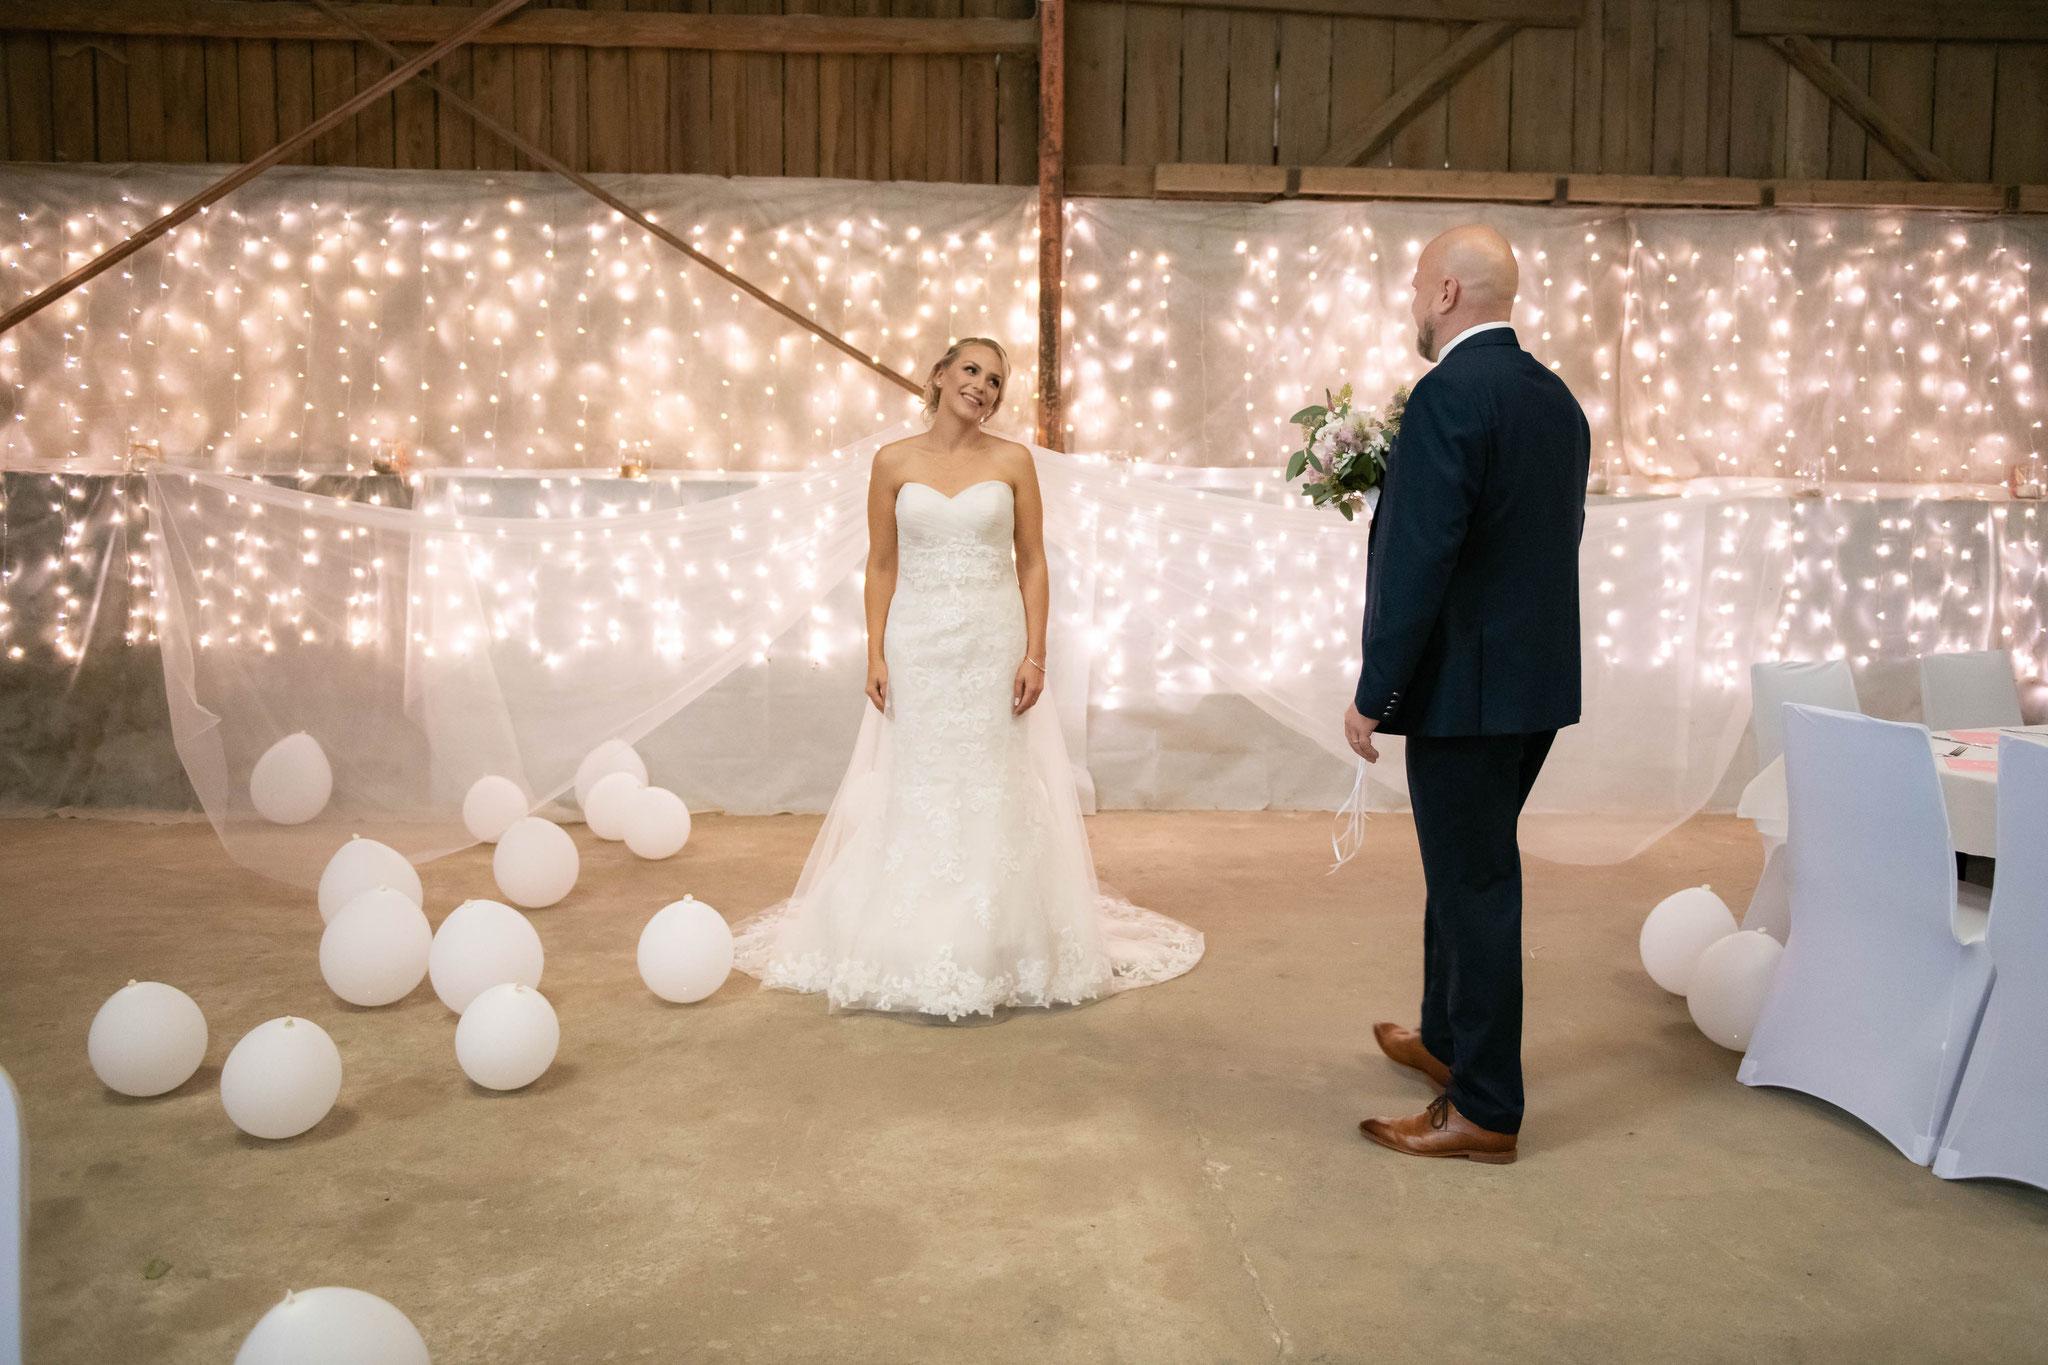 Fotos mit dem Bräutigam und der Braut